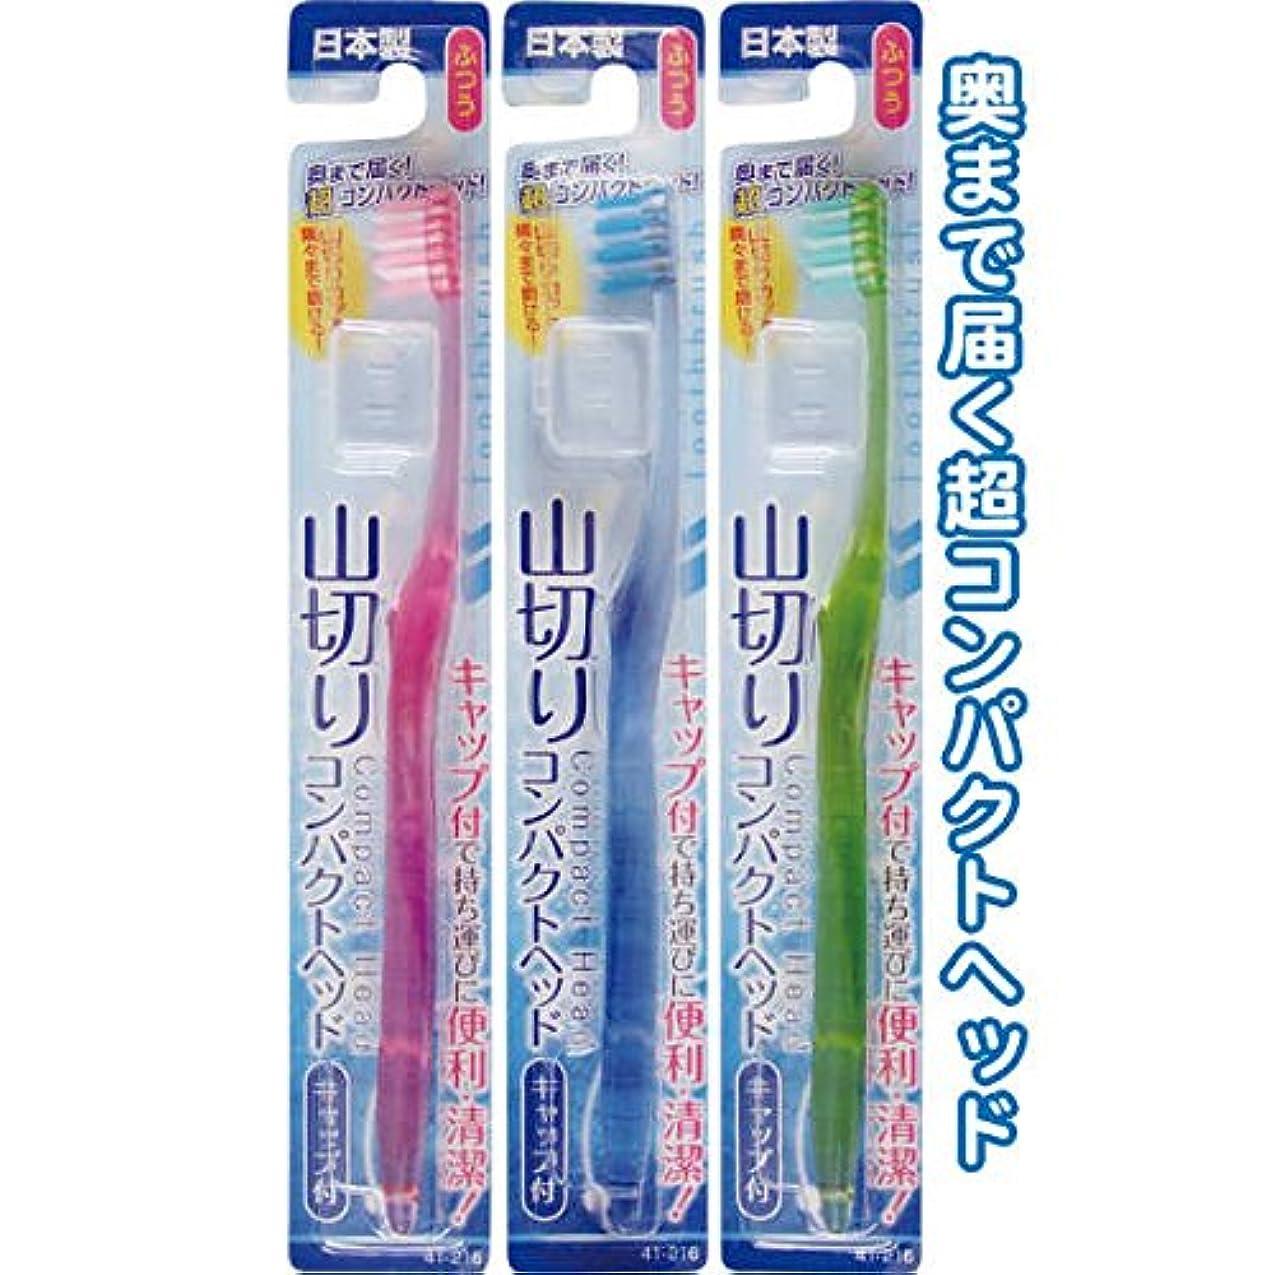 コンパクトヘッドキャップ付歯ブラシ山切ふつう日本製 japan 【まとめ買い12個セット】 41-216